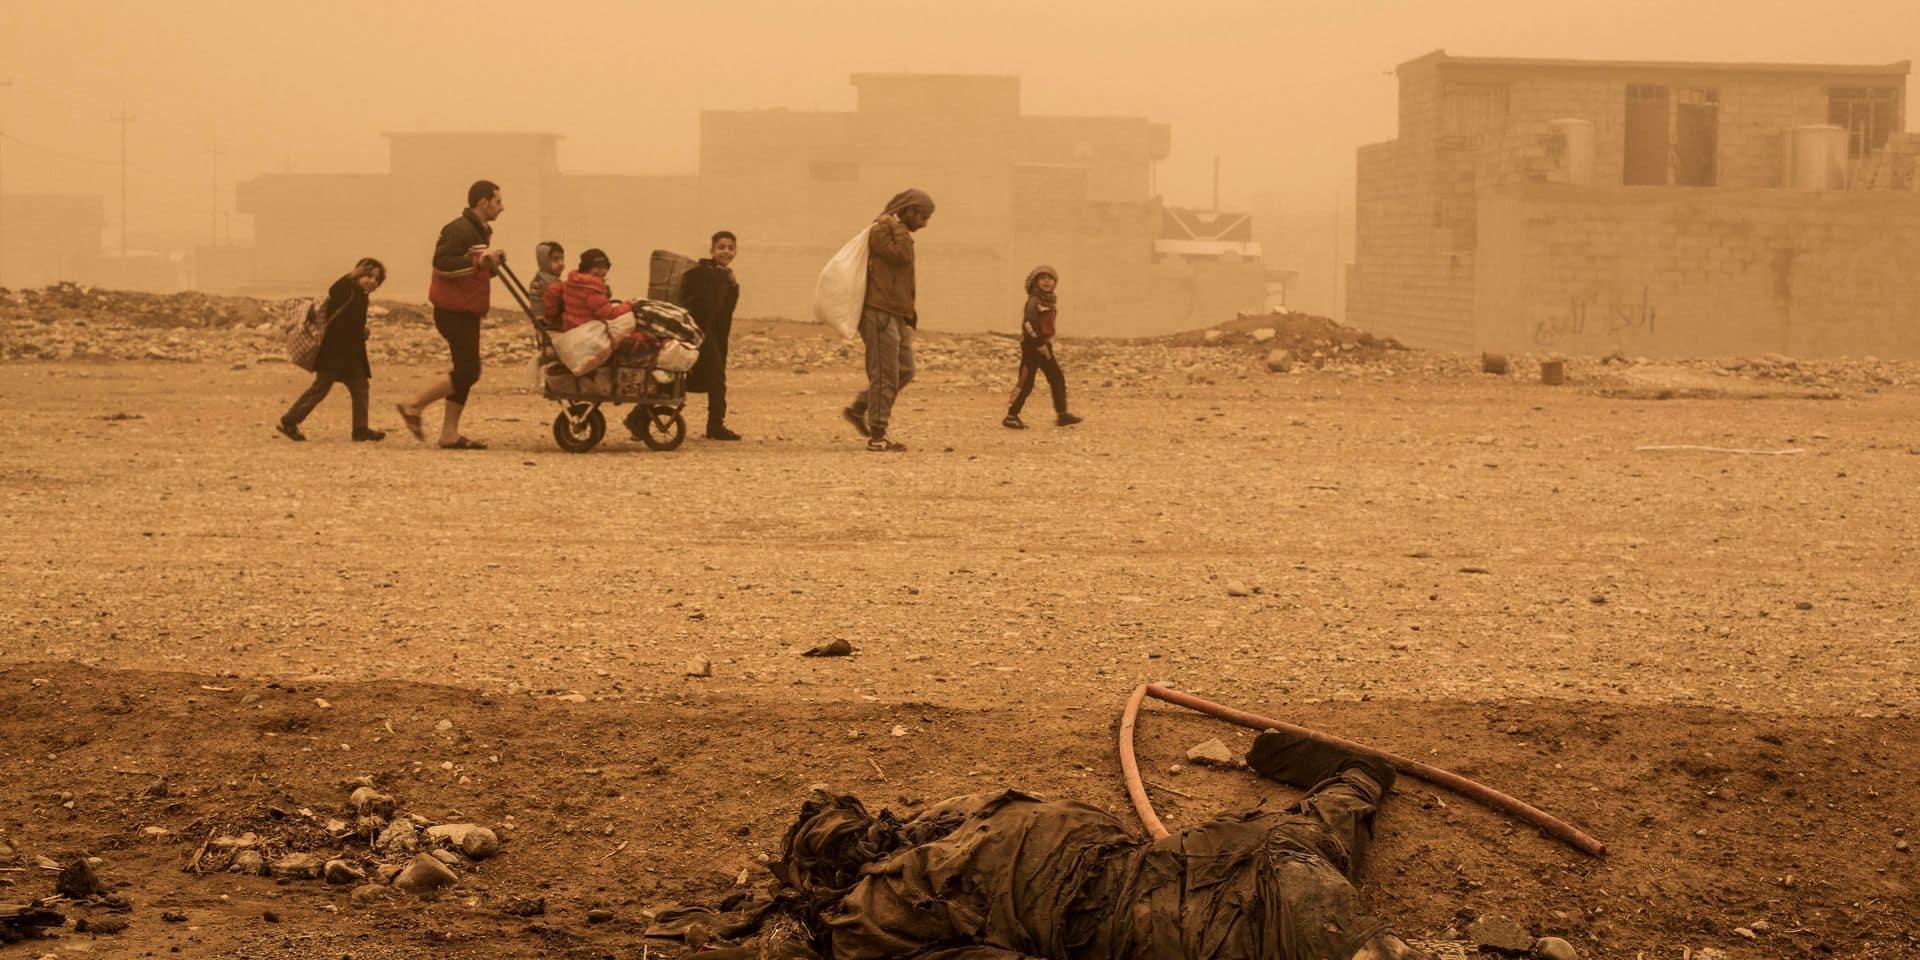 La Belgique doit rapatrier 6 enfants de combattants de Daech